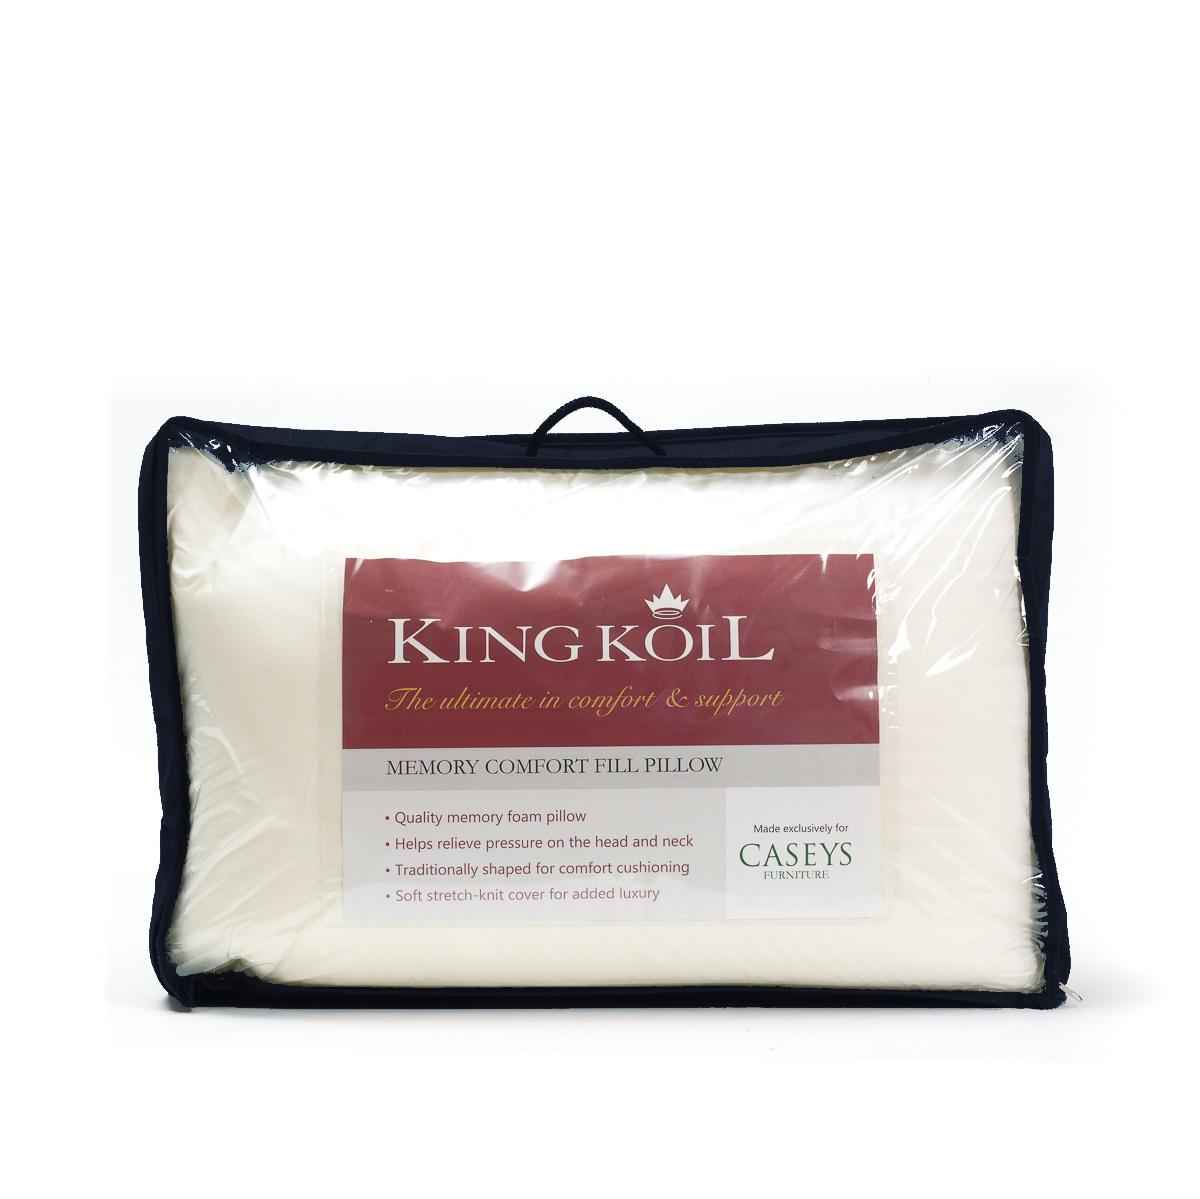 King Koil Caseys Memory Comfort Fill Pillow